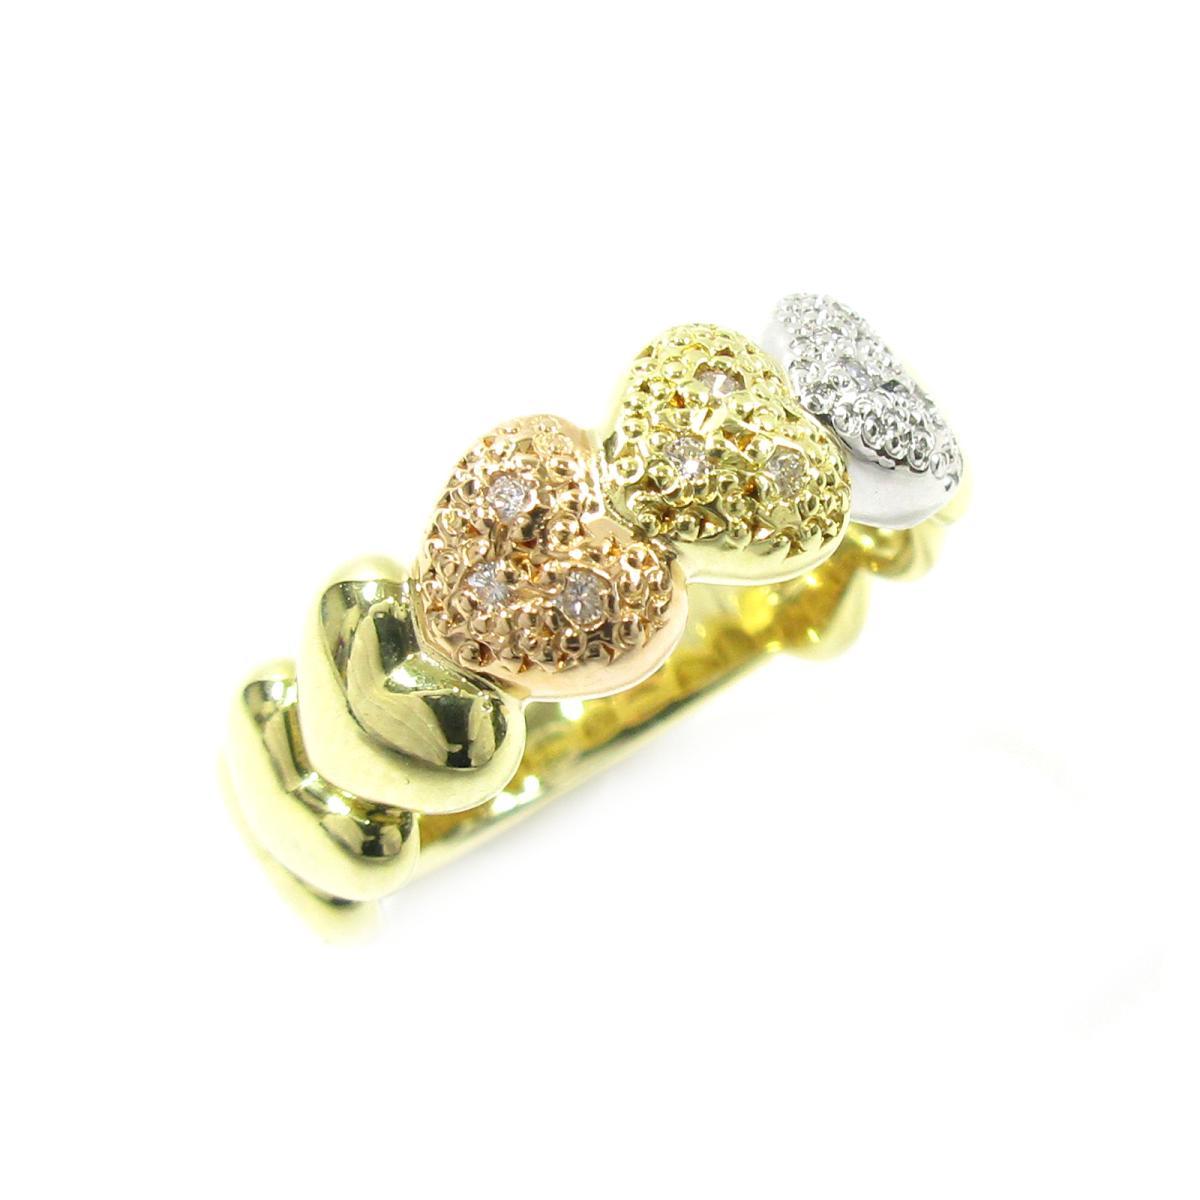 【中古】 ジュエリー ダイヤモンドリング 指輪 レディース K18YG (750) イエローゴールド x K18PG PT900 ダイヤモンド ゴールド ピンクゴールド シルバー クリアー | JEWELRY BRANDOFF ブランドオフ ブランド アクセサリー リング